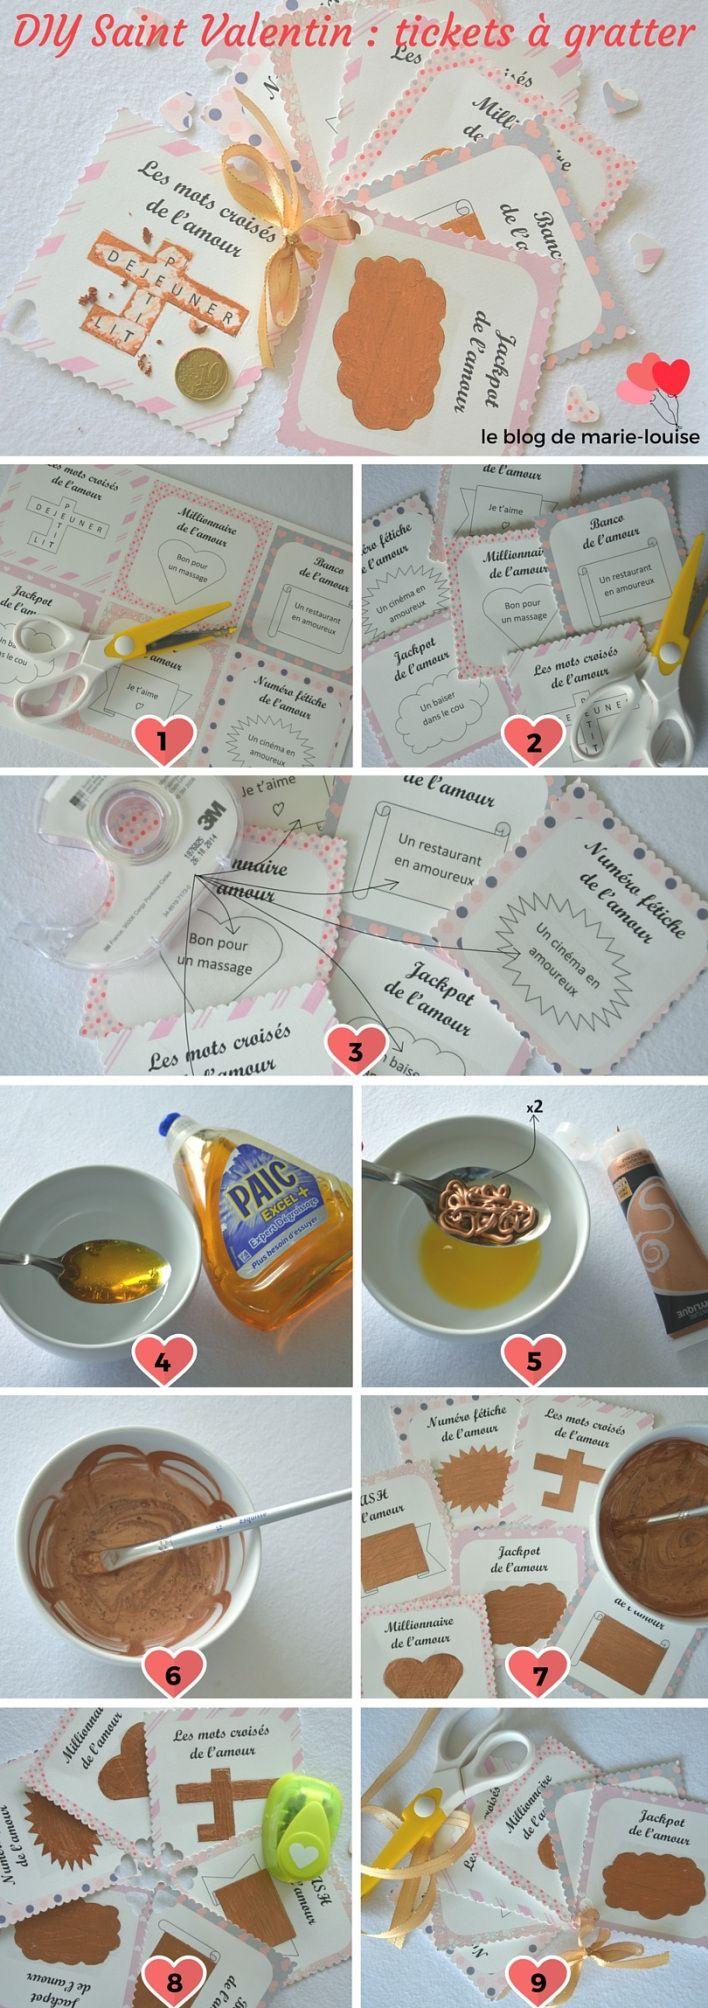 Connu DIY Saint Valentin : bons de l'amour façon tickets à gratter  LX36